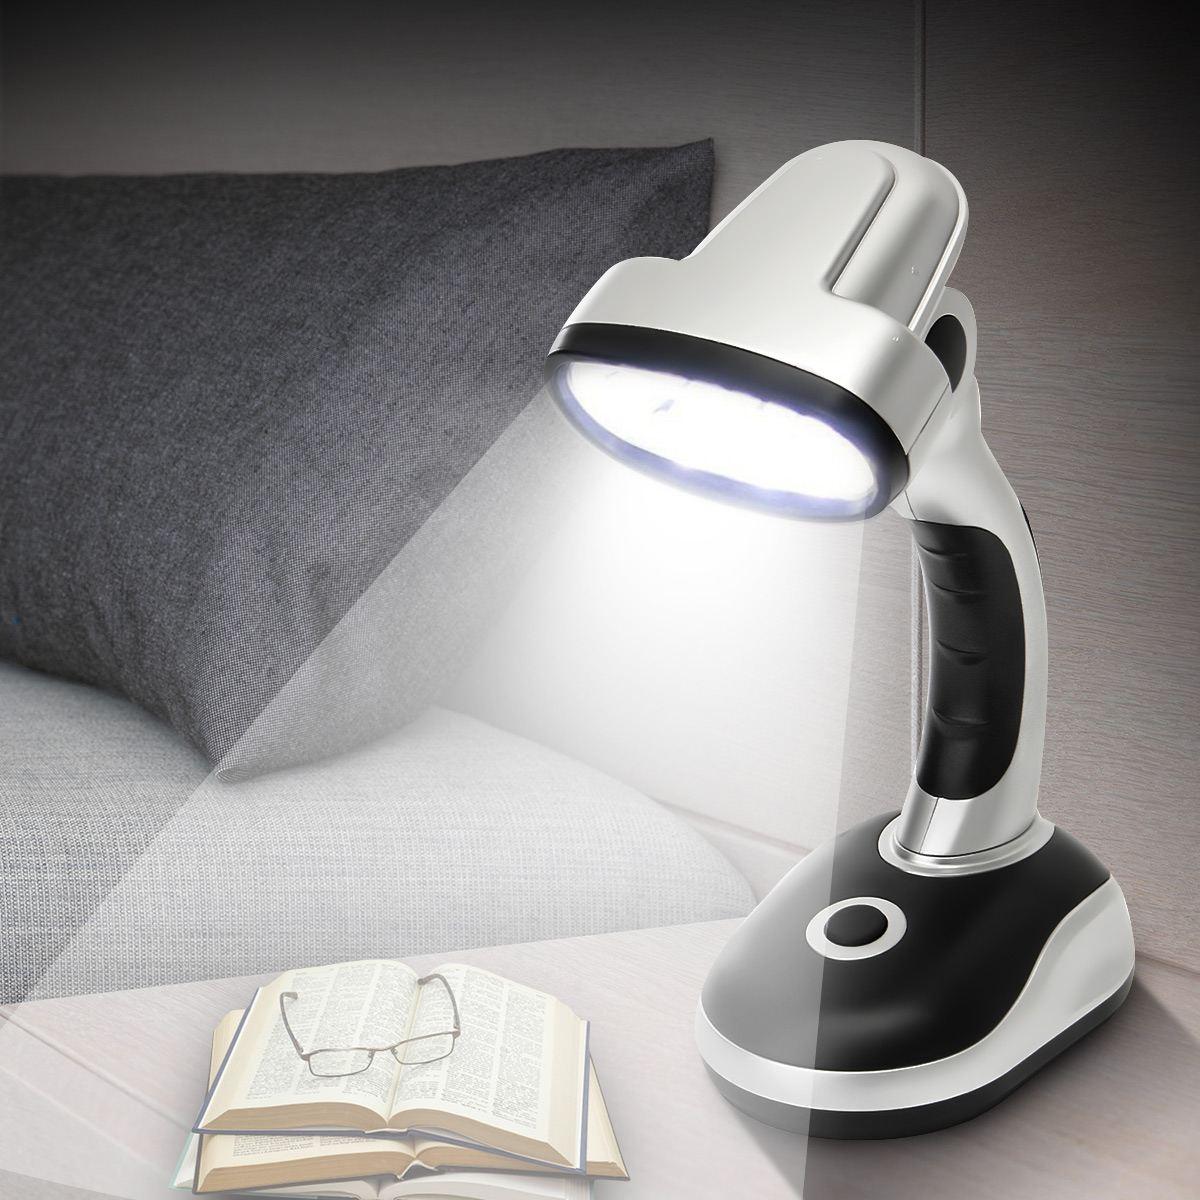 Portable Flexible Lantern 12 LED Desk Lamp Camping Light Battery Powered Night Light For Bedroom Living Room Camping